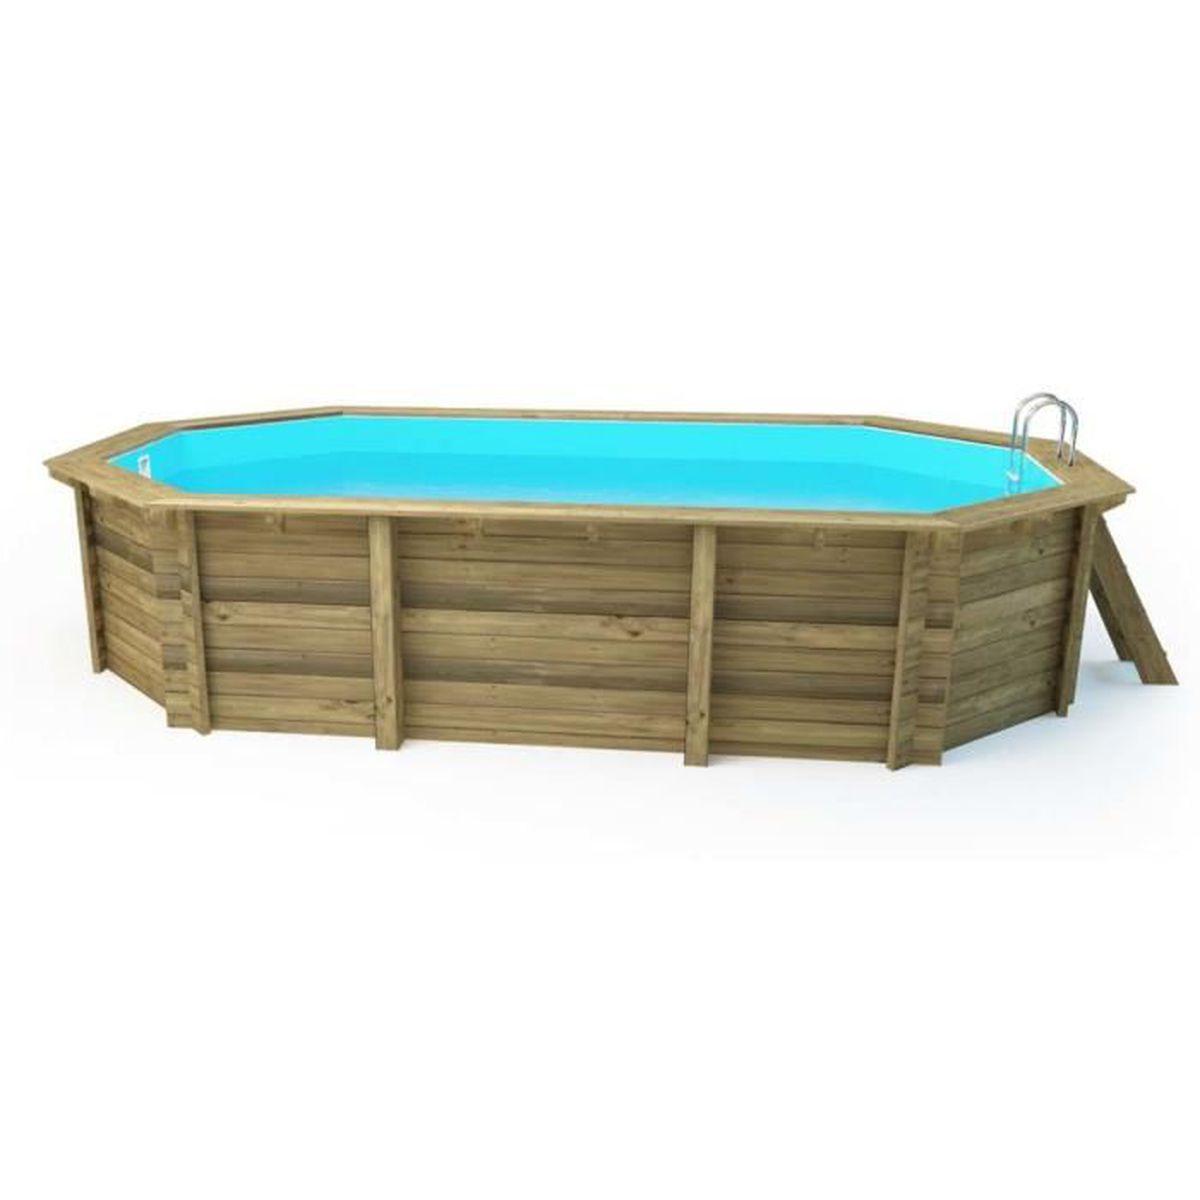 piscine bois 6 57x4 57